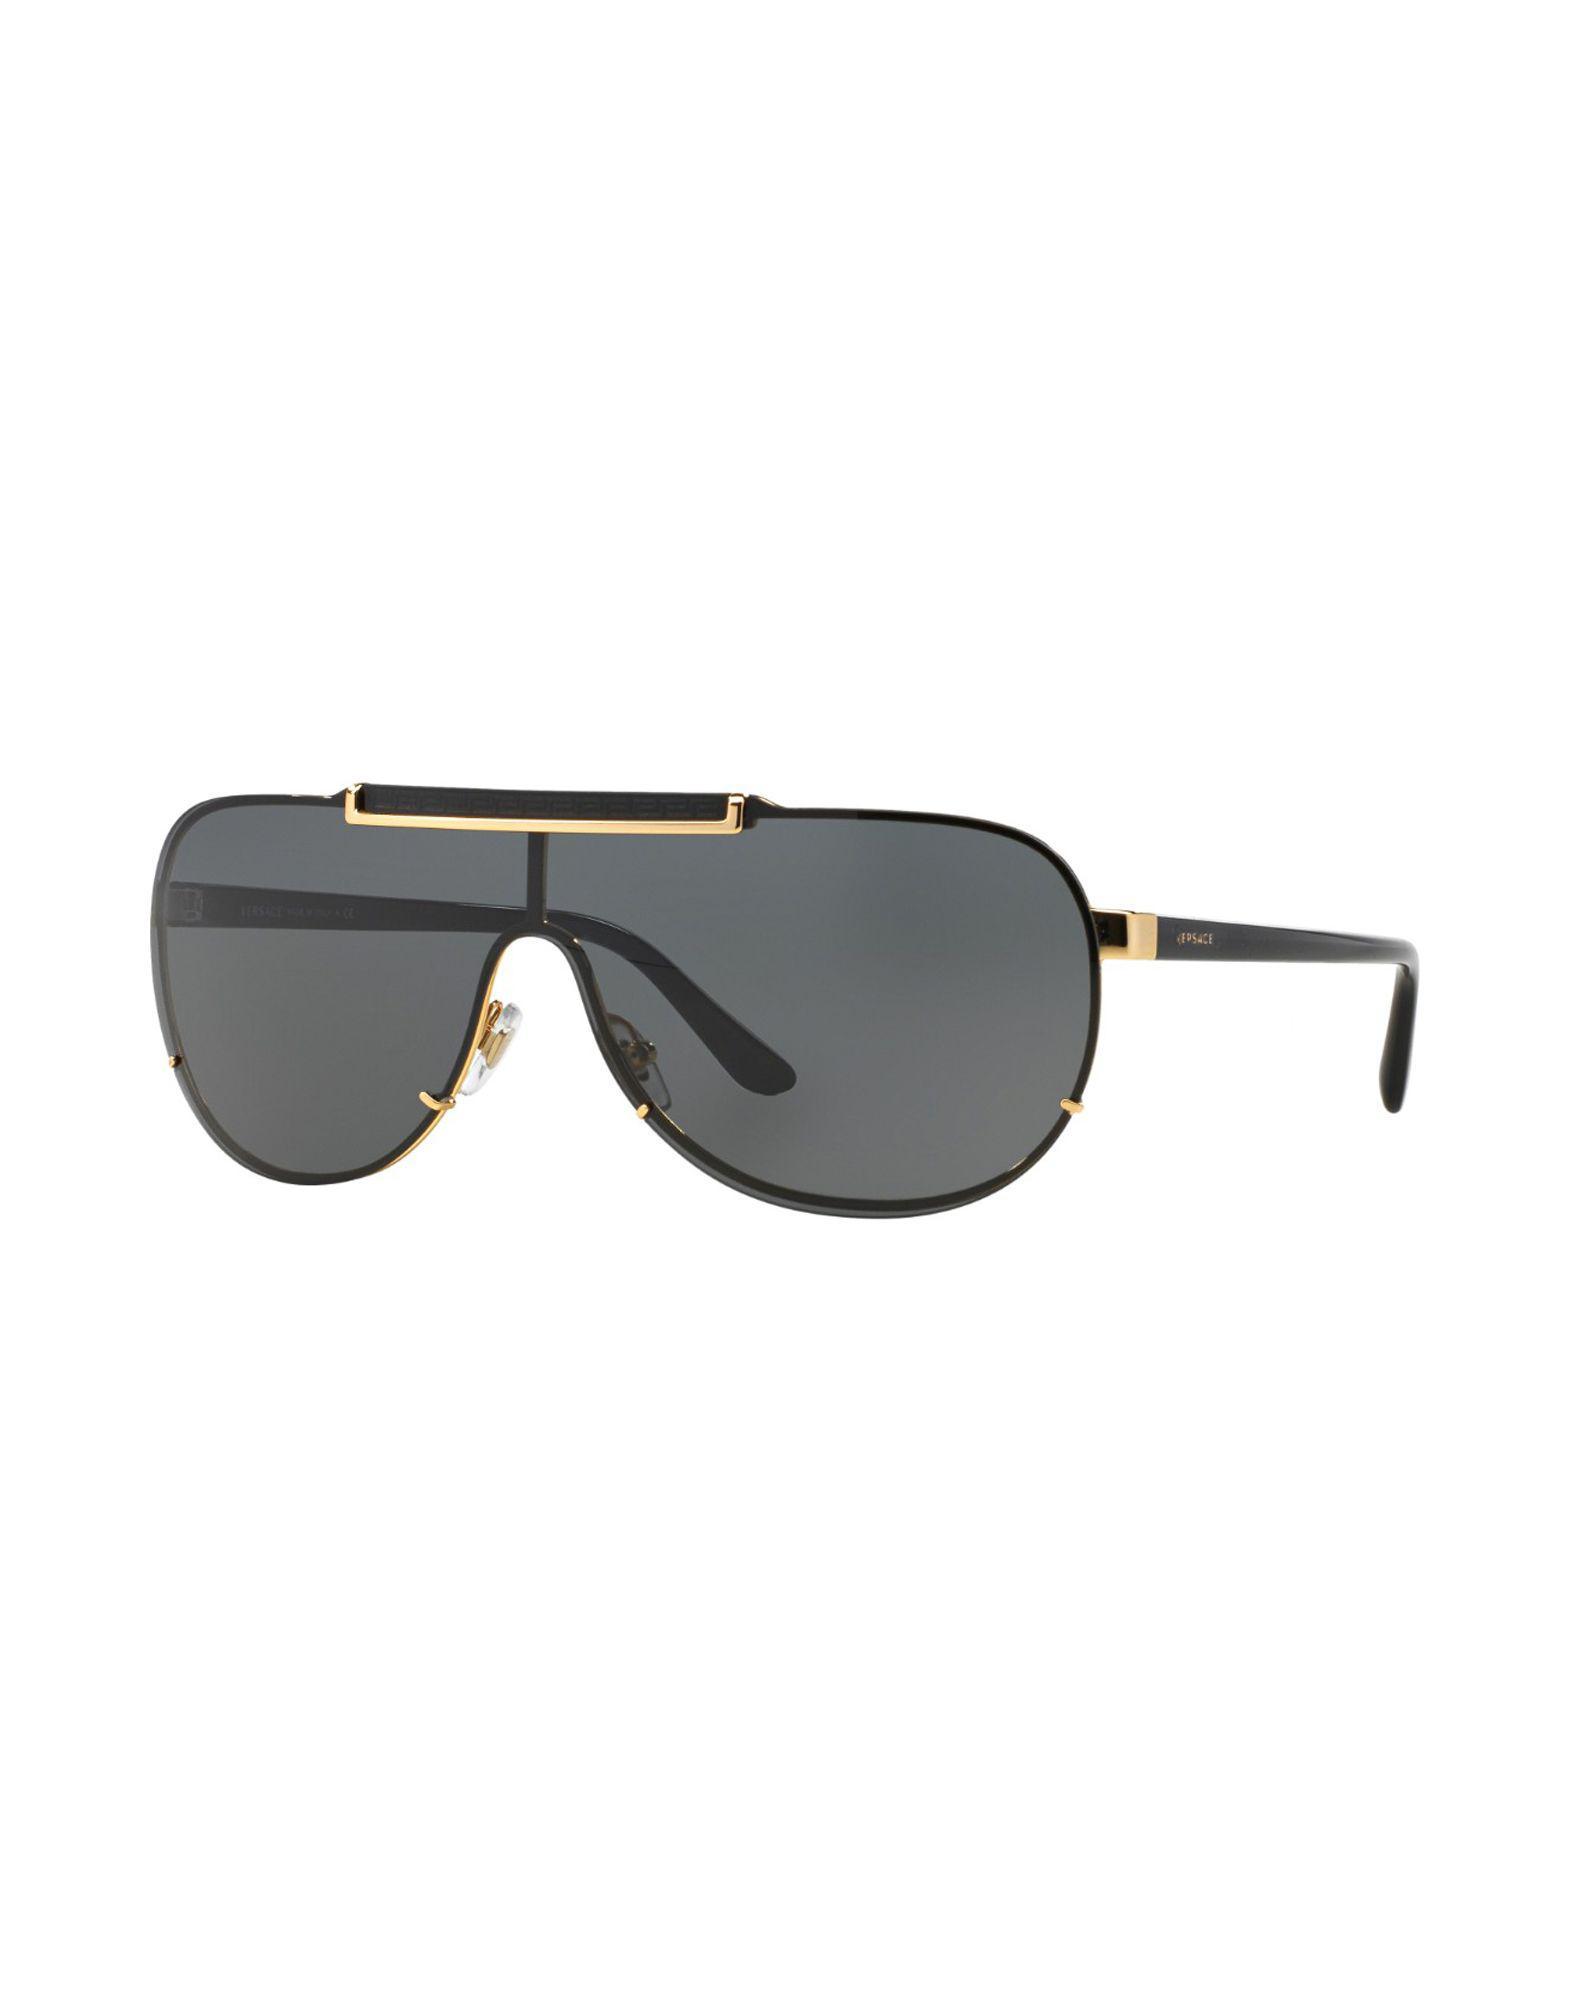 Lyst - Lunettes de soleil Versace pour homme en coloris Métallisé 0e041c8e085e